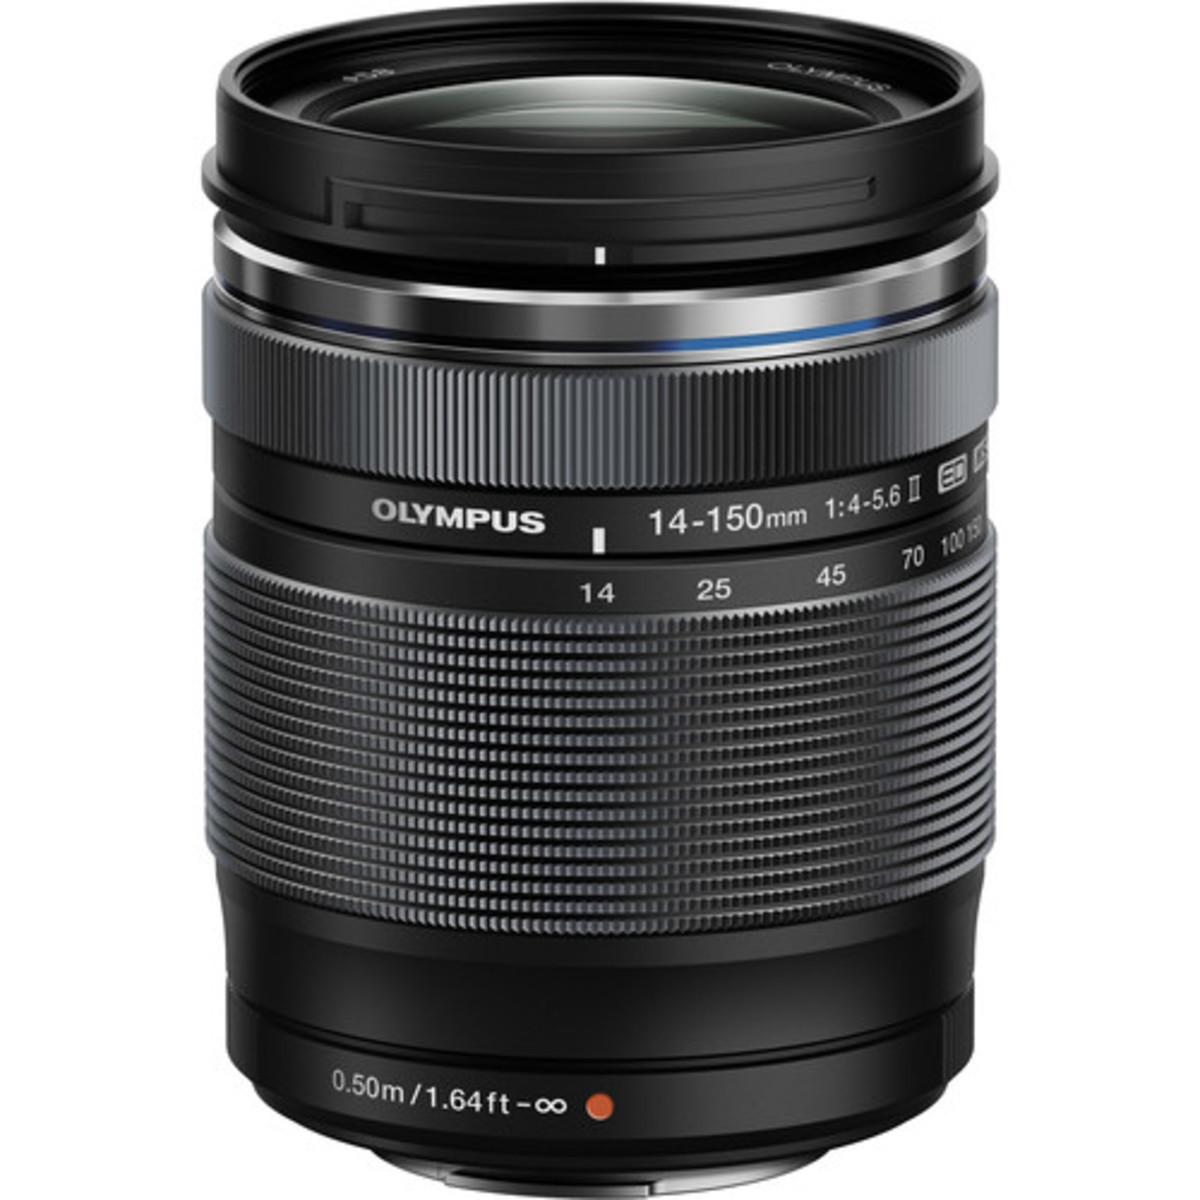 M.Zuiko Digital ED 14-150mm f/4-5.6 II Lens (平行進口)